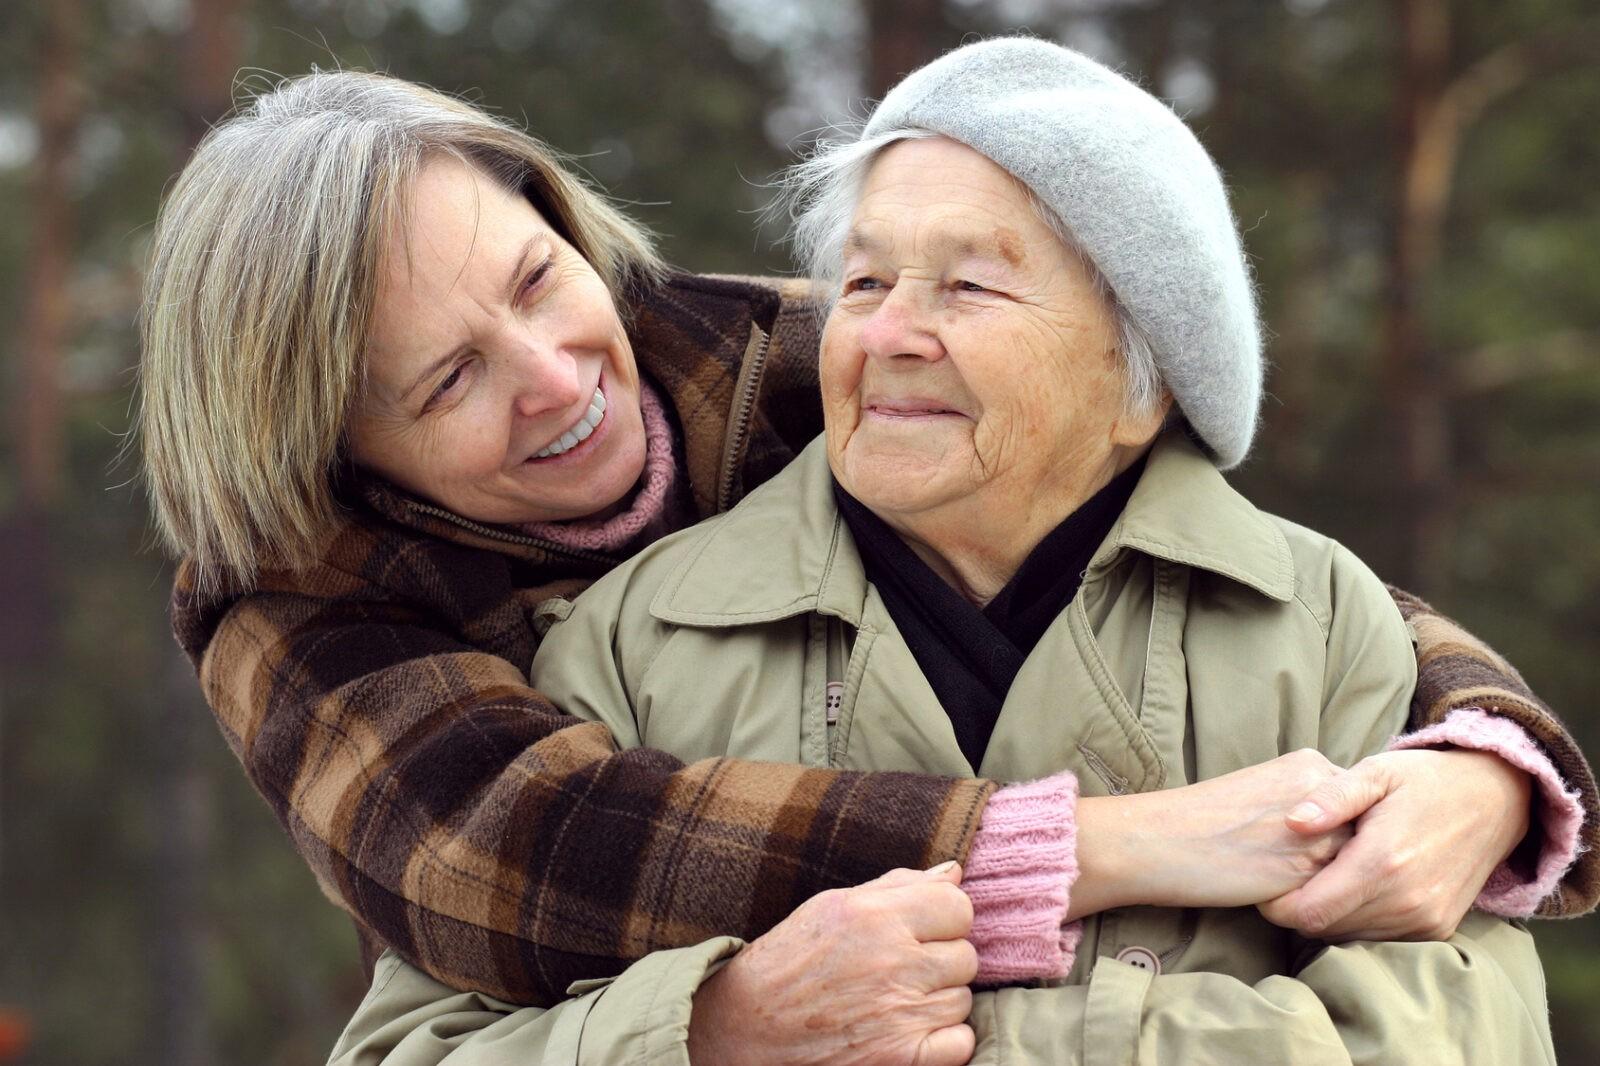 Стихотворение тронуло мою душу - «Стареет мама. Ей уже не в радость, Звонки подруг и шалости внучат»